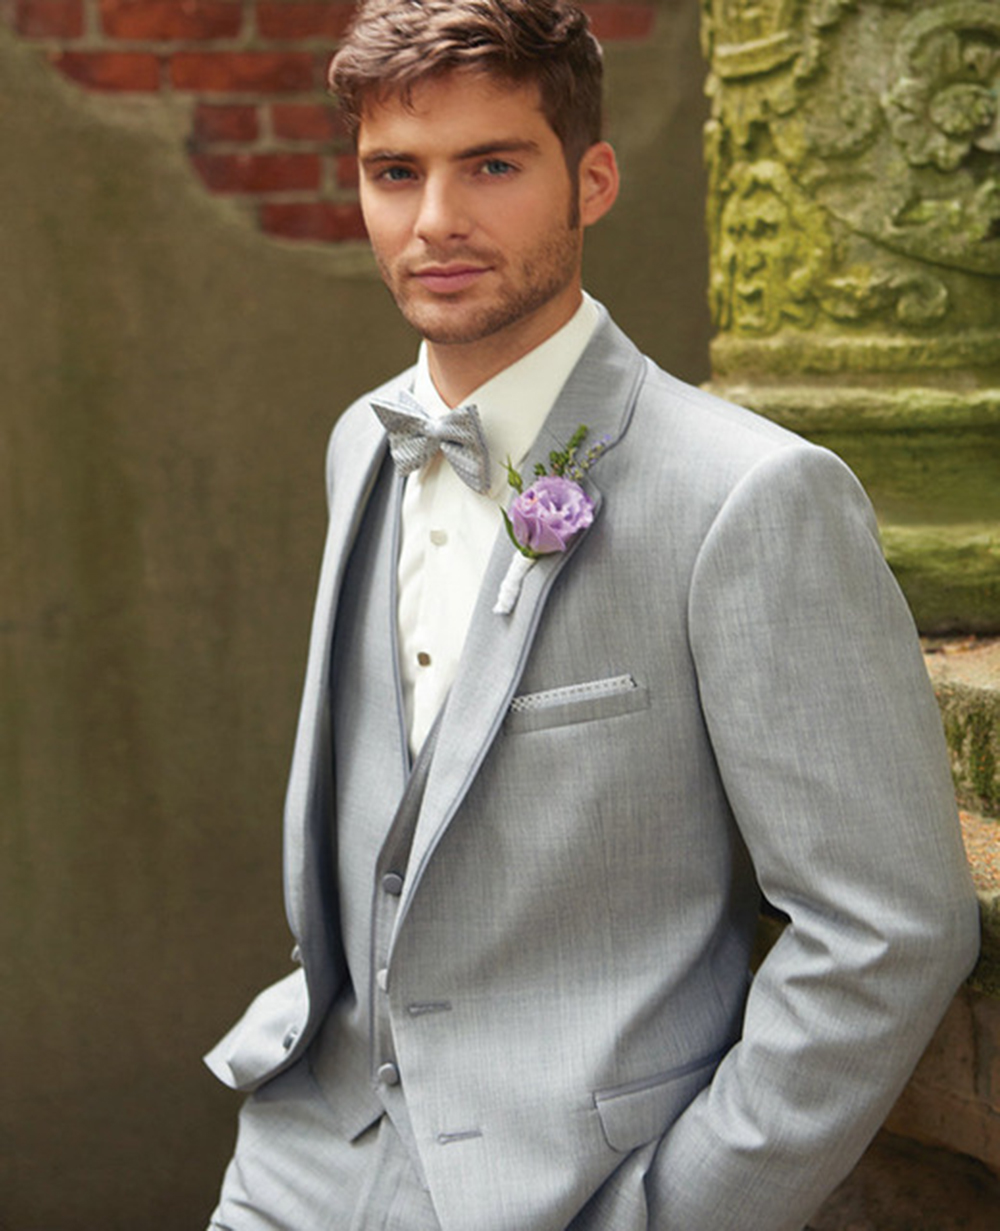 костюм для жениха на свадьбу фото намертво